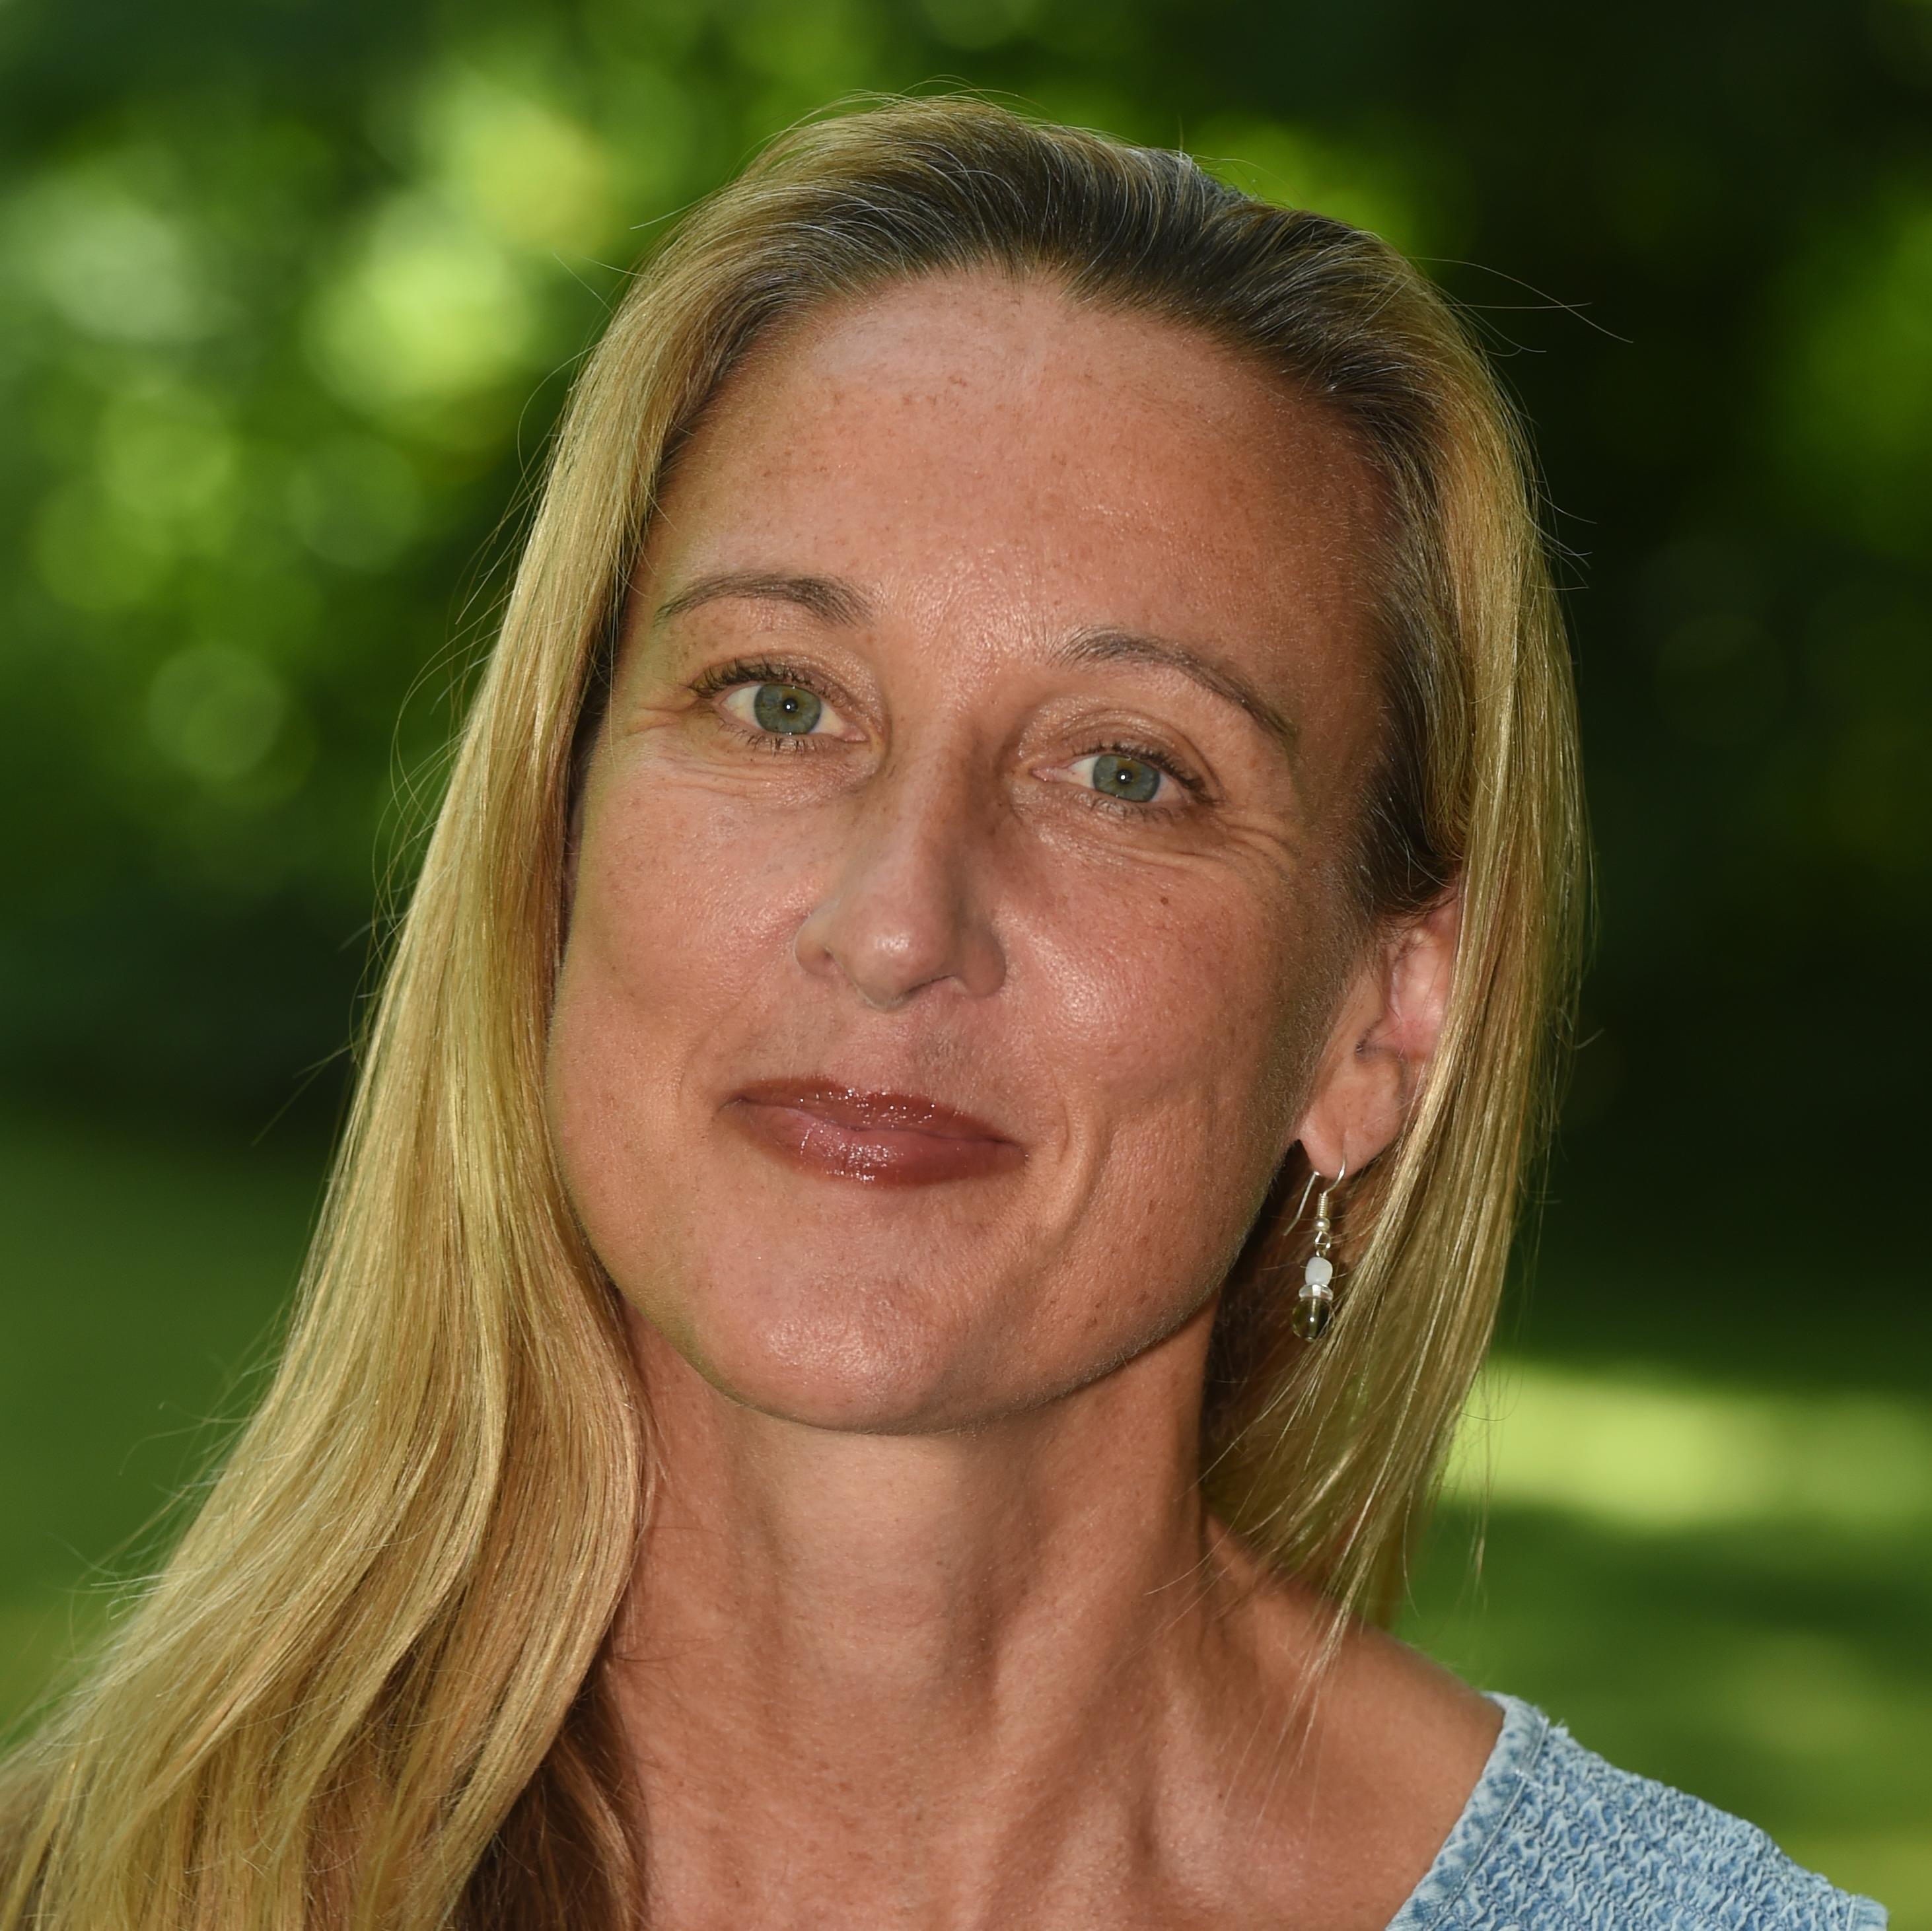 Johanna Rupprecht